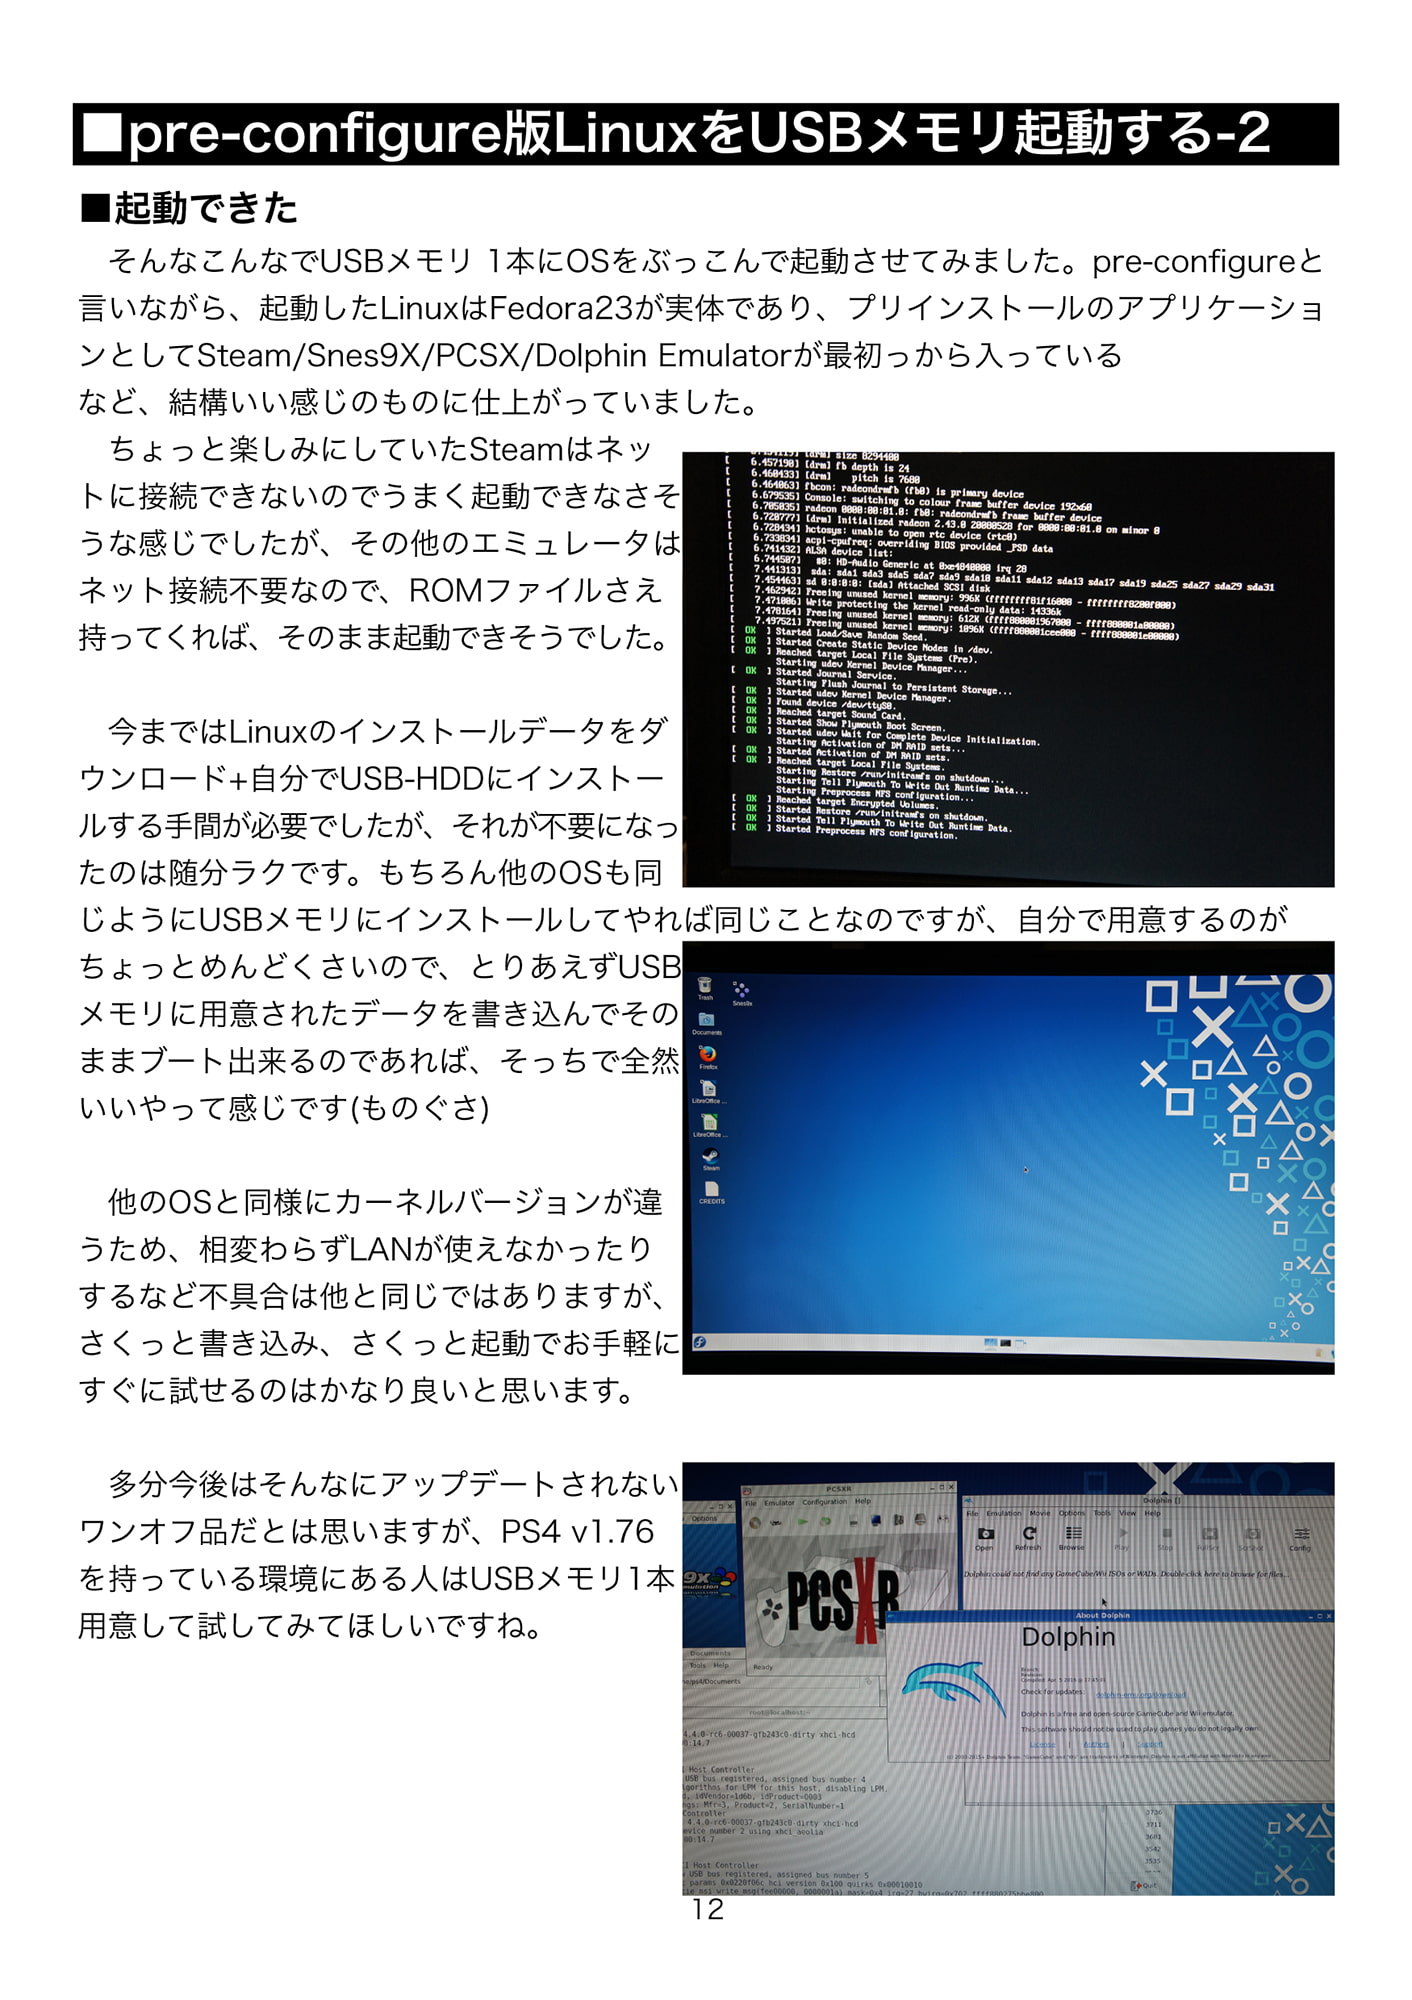 PS4 Info V2